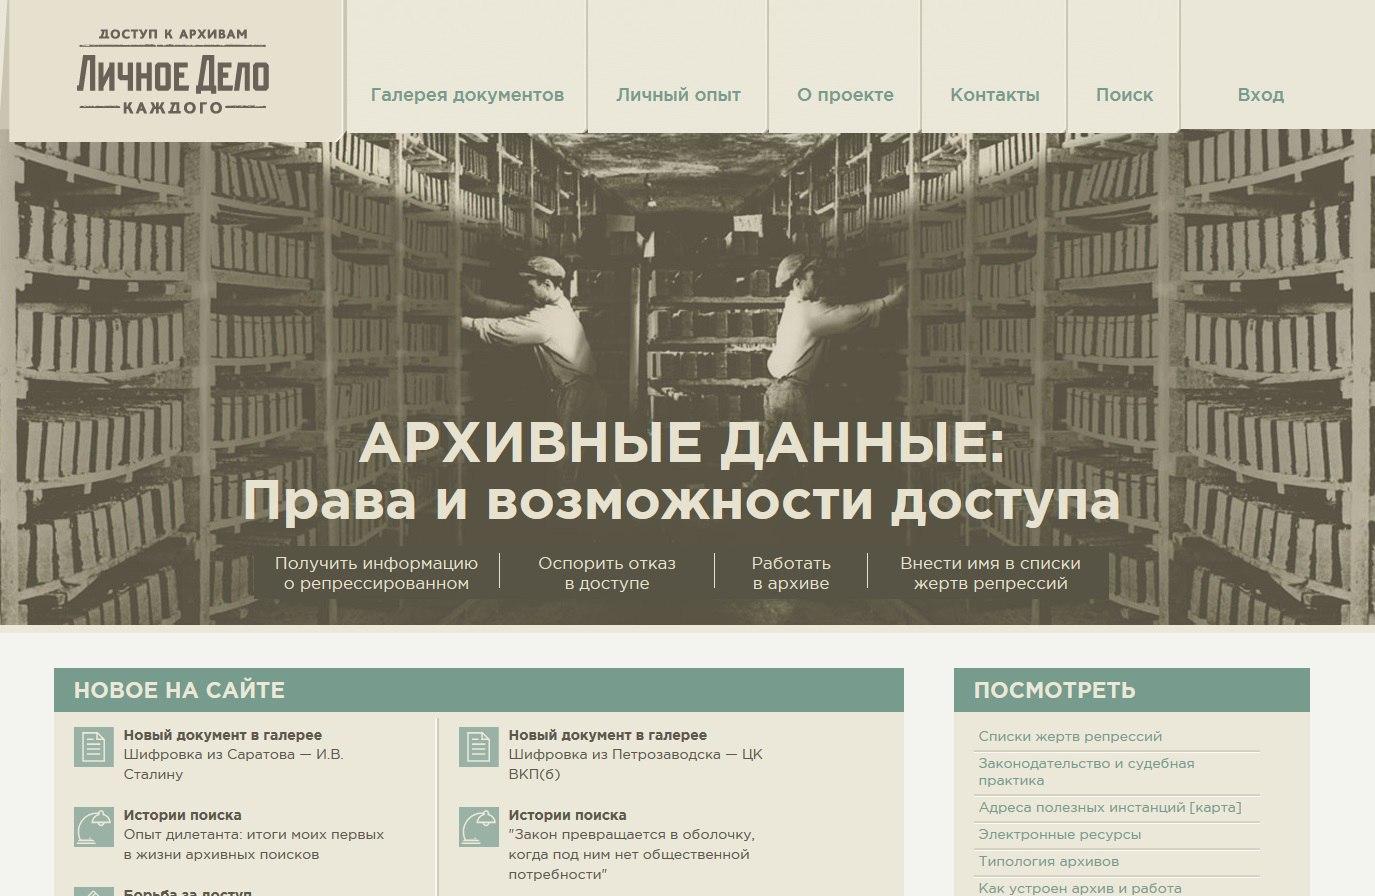 «Мемориал» запустил сайт «Личное дело каждого»